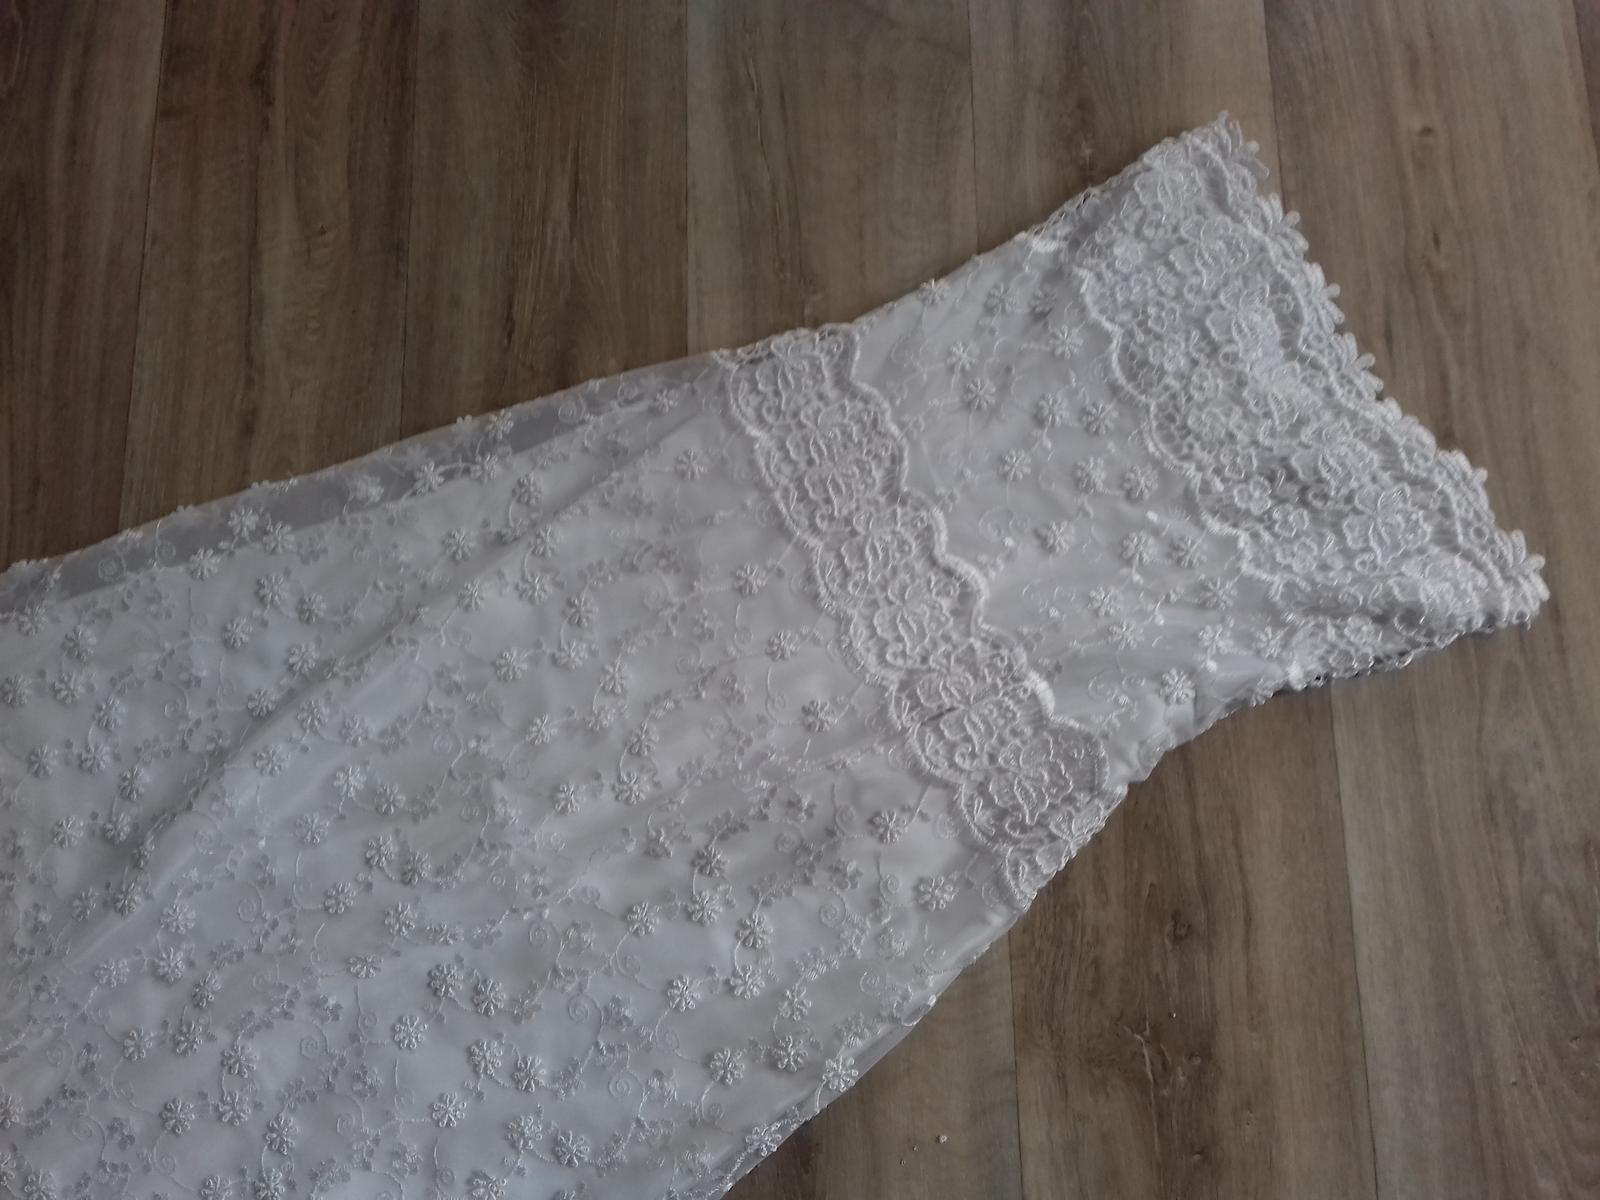 Krajkové šaty vel 36 - Obrázek č. 1